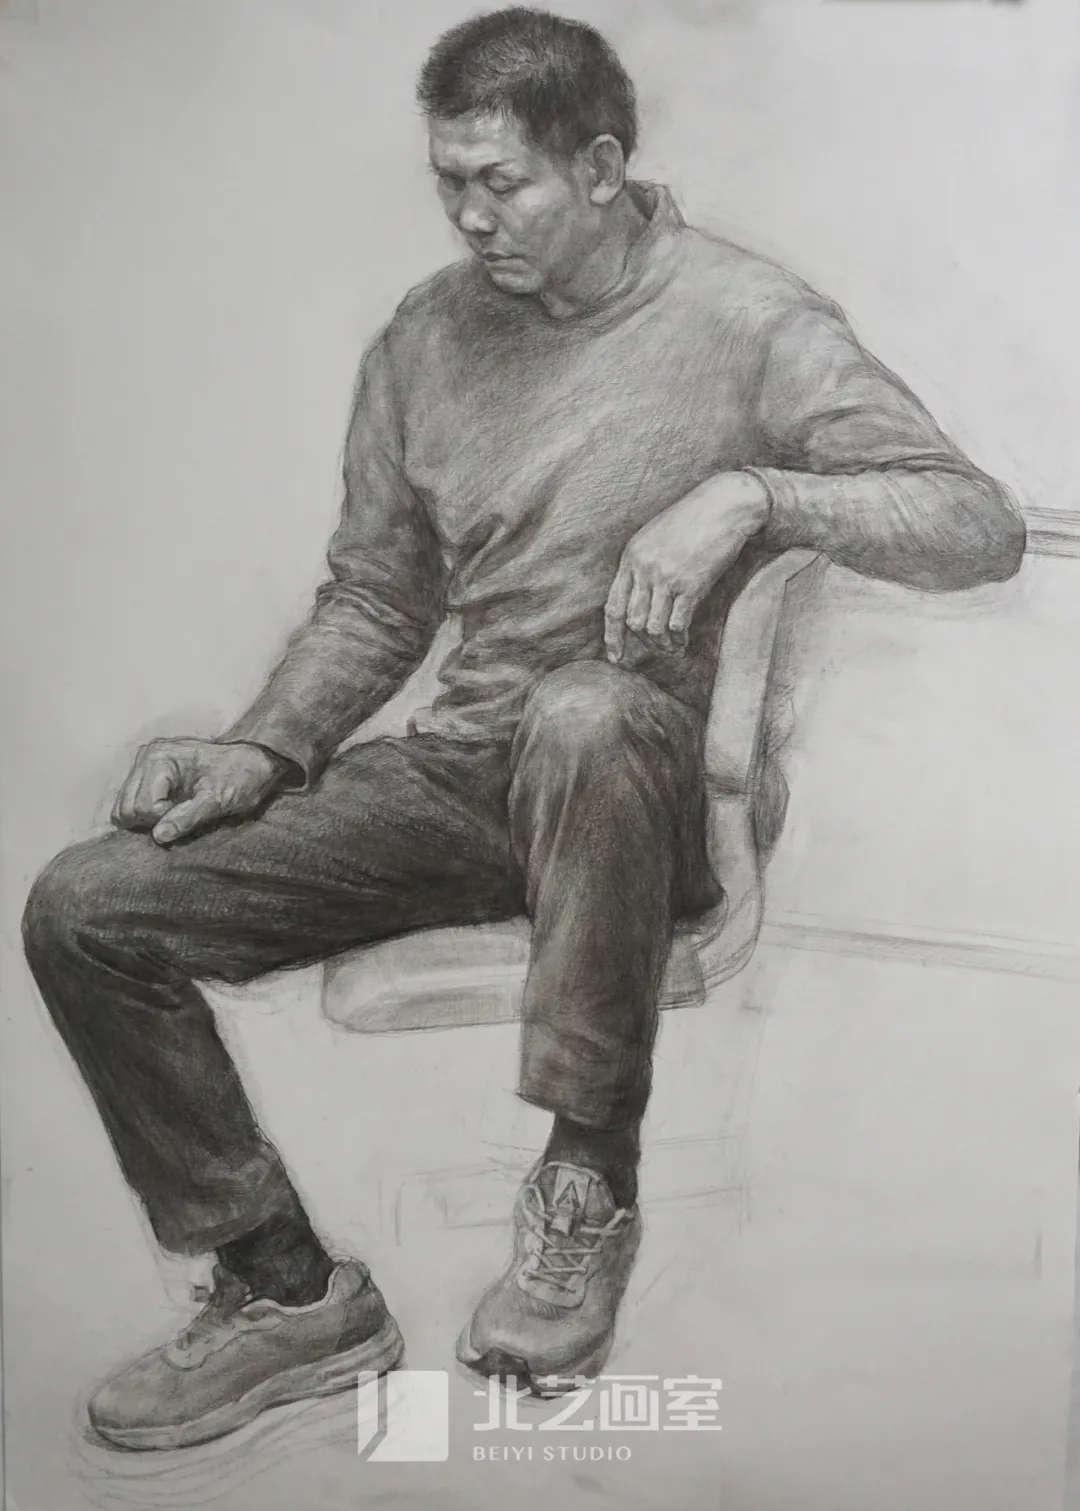 素描半身像作品——四分之三侧男中年坐姿